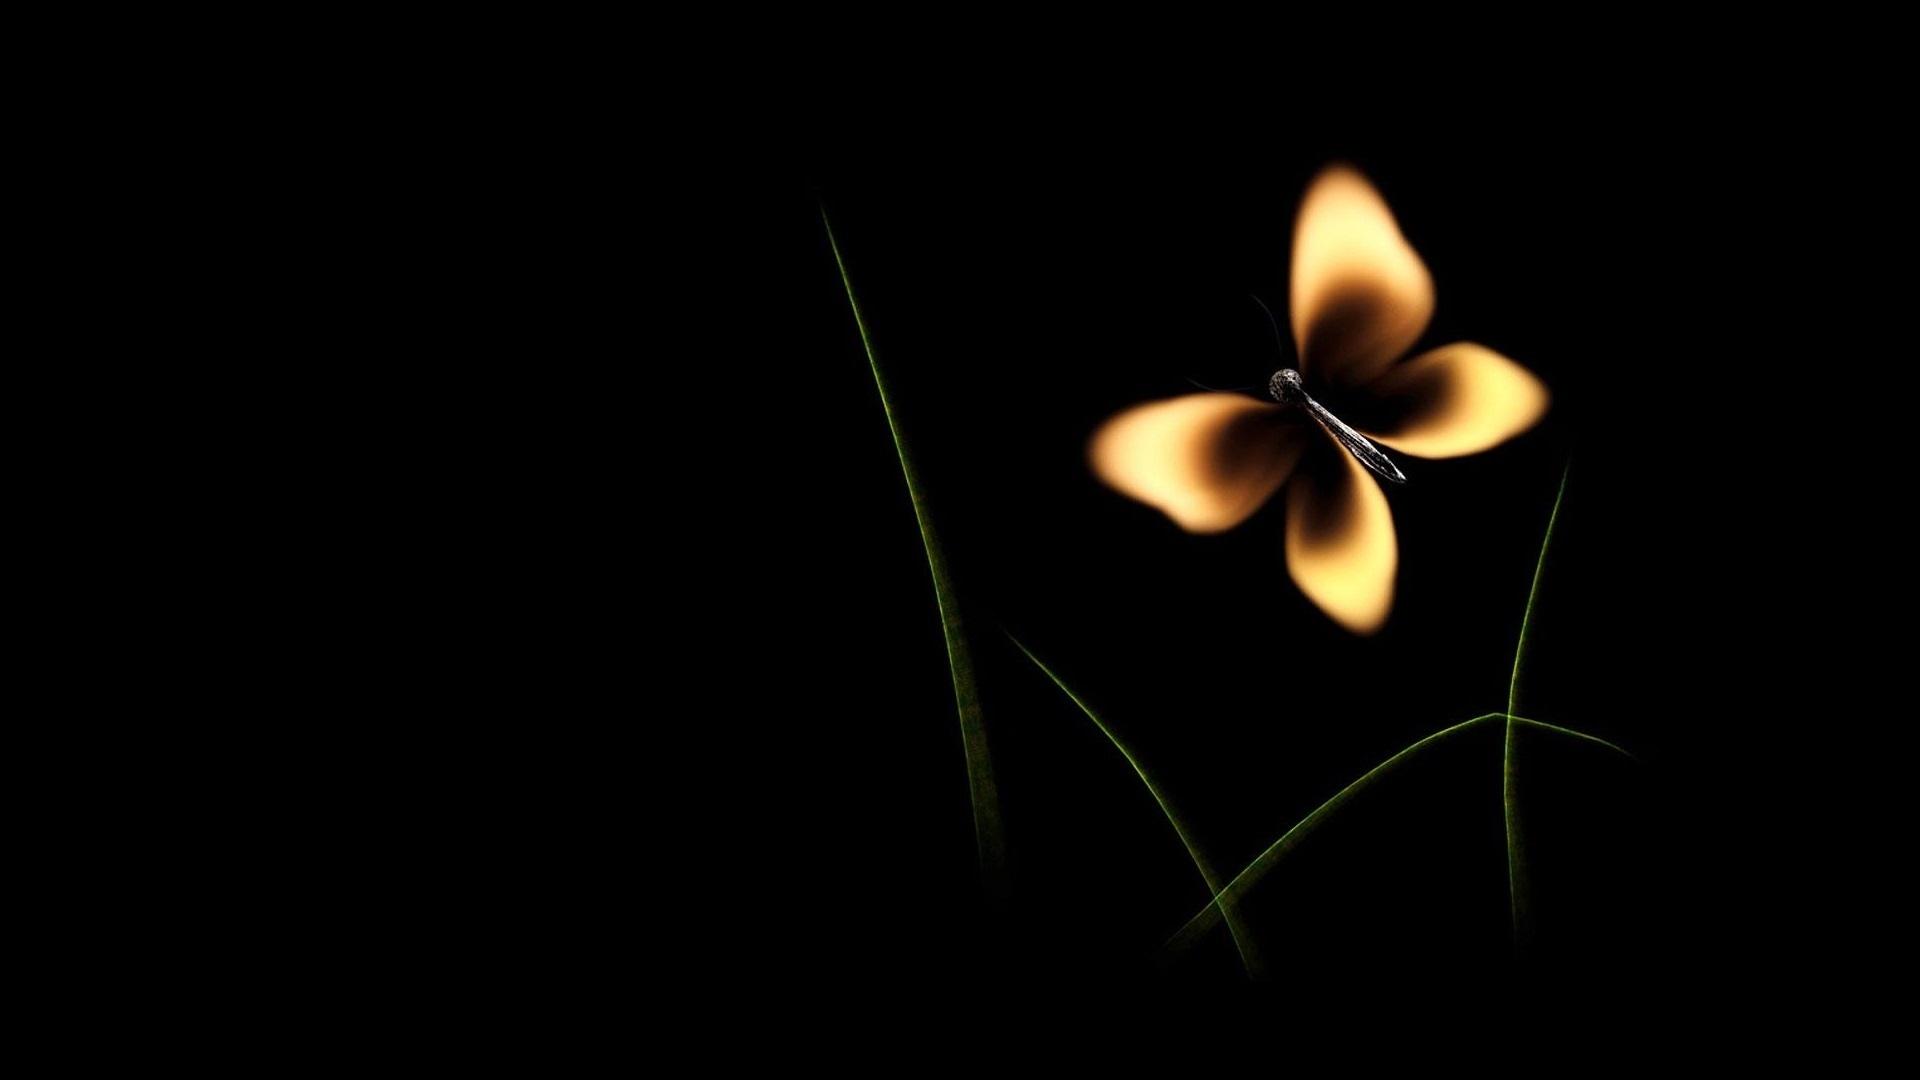 картинки на экран цветы на черном фоне решение открытии